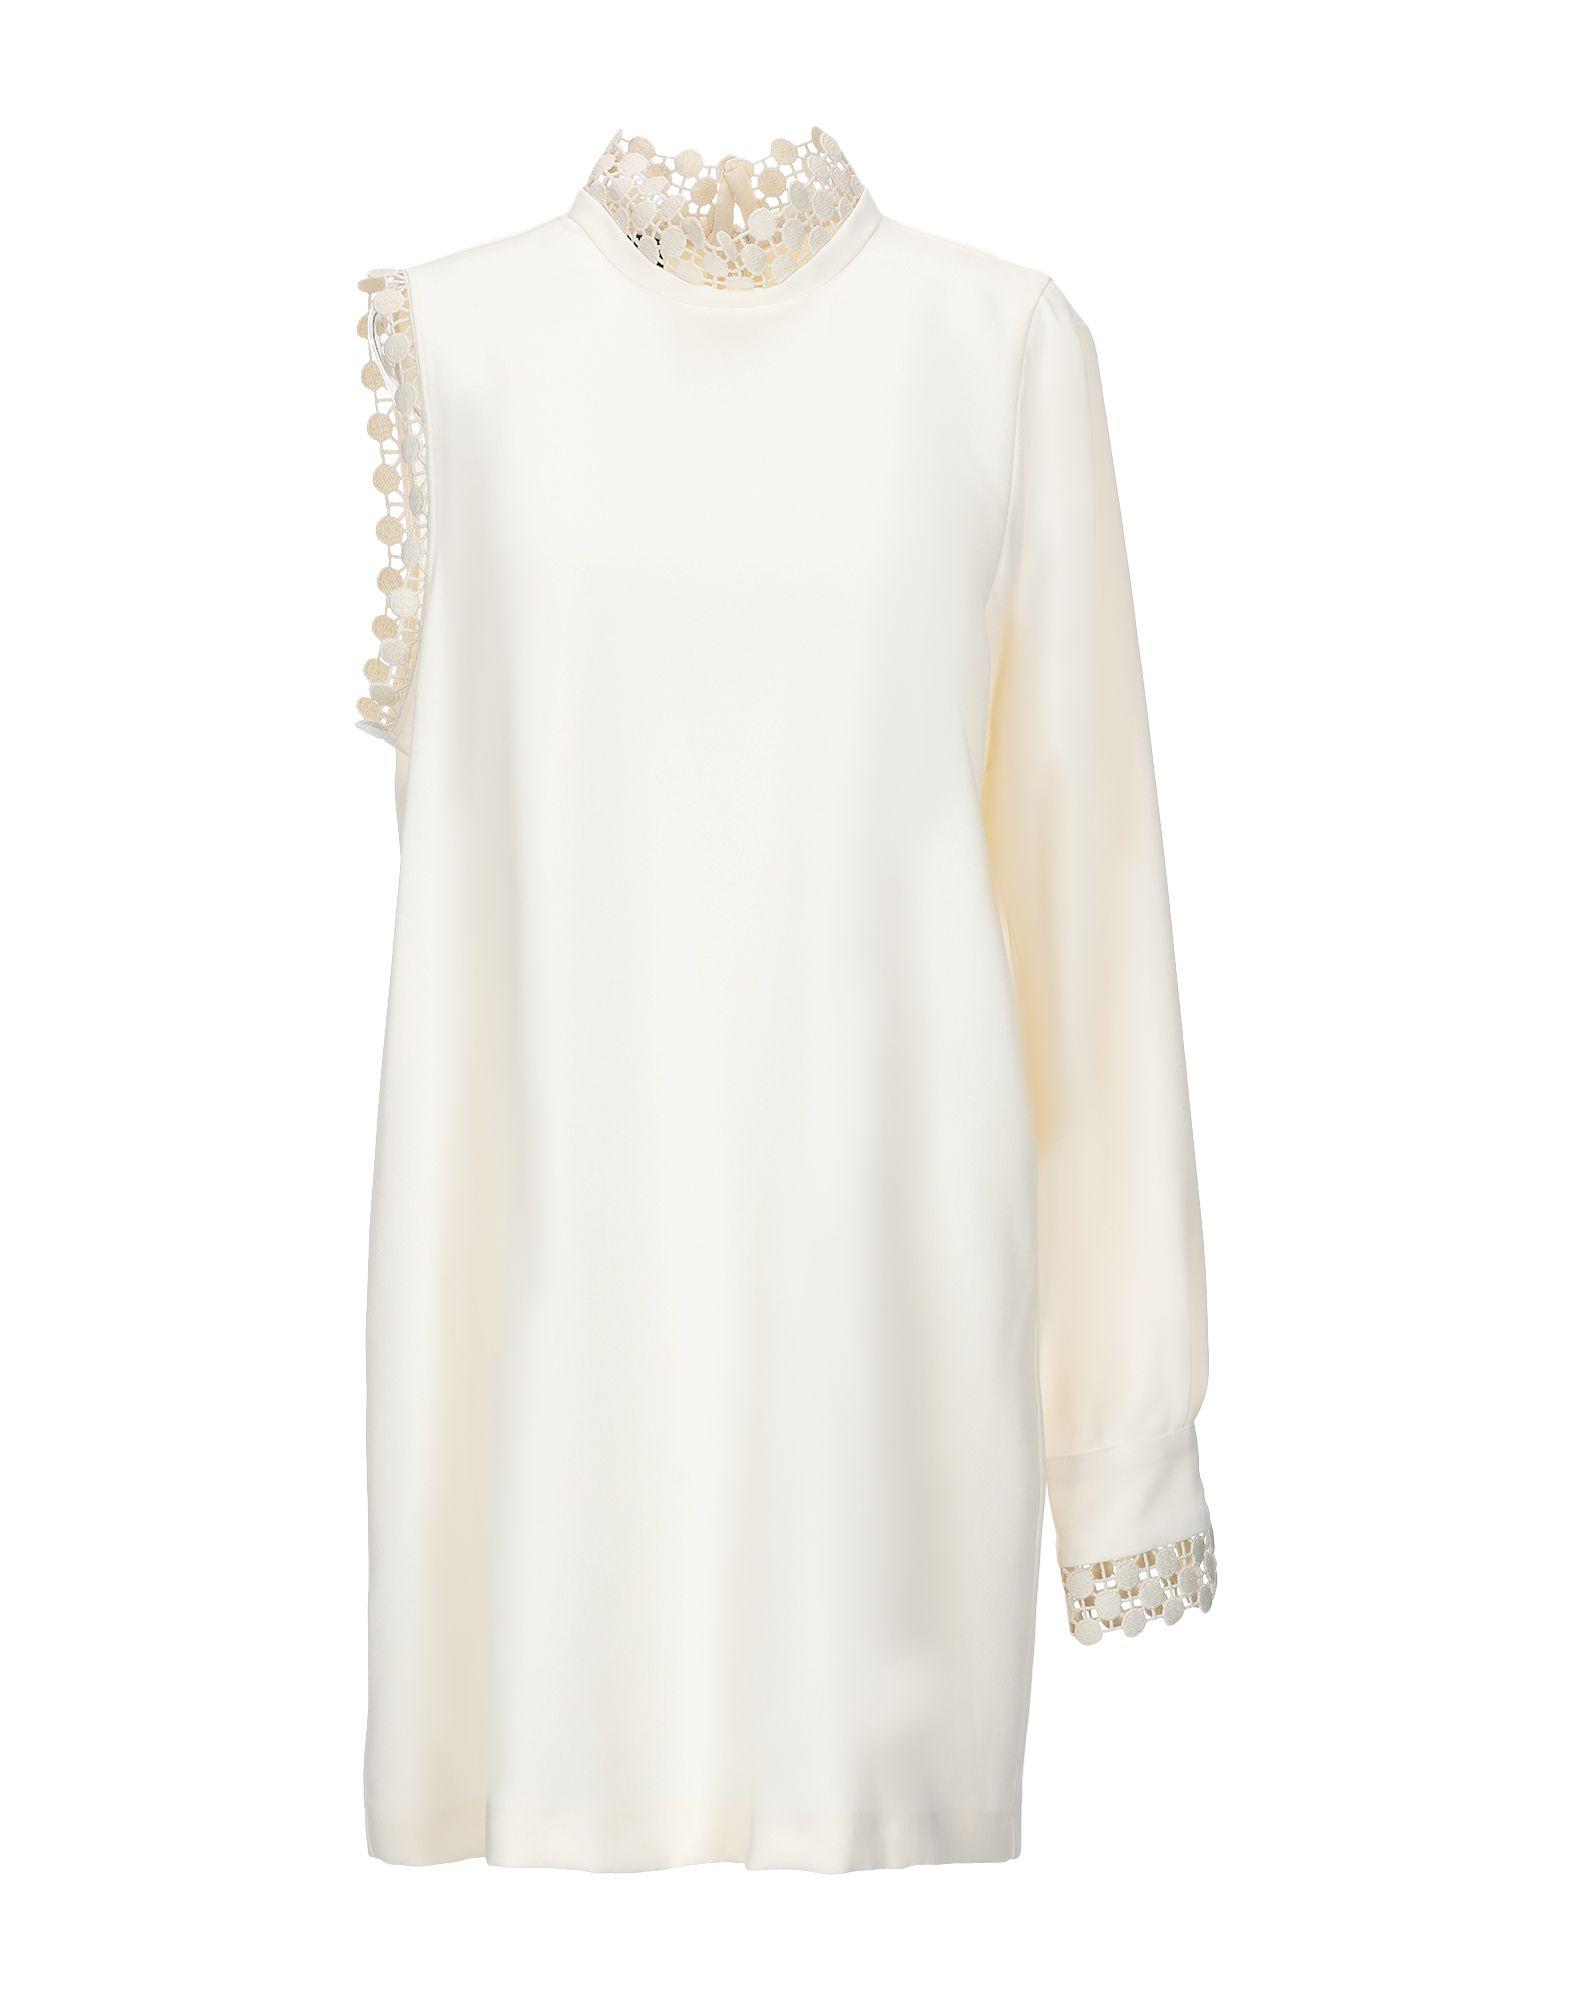 Vestiti Donna Pinko Collezione Primavera-Estate e Autunno-Inverno -  Acquista online su YOOX 898801db3c3